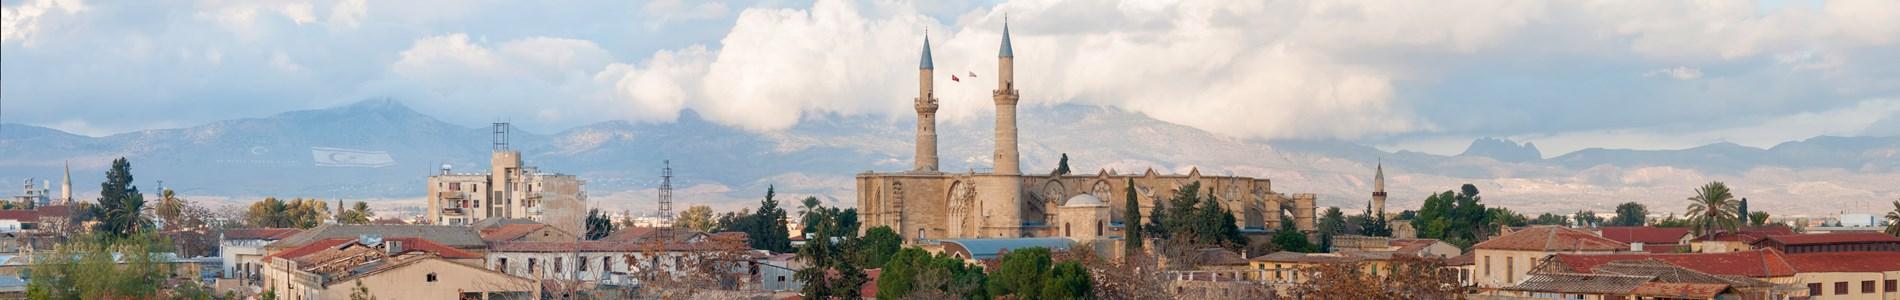 ניקוסיה הטורקית